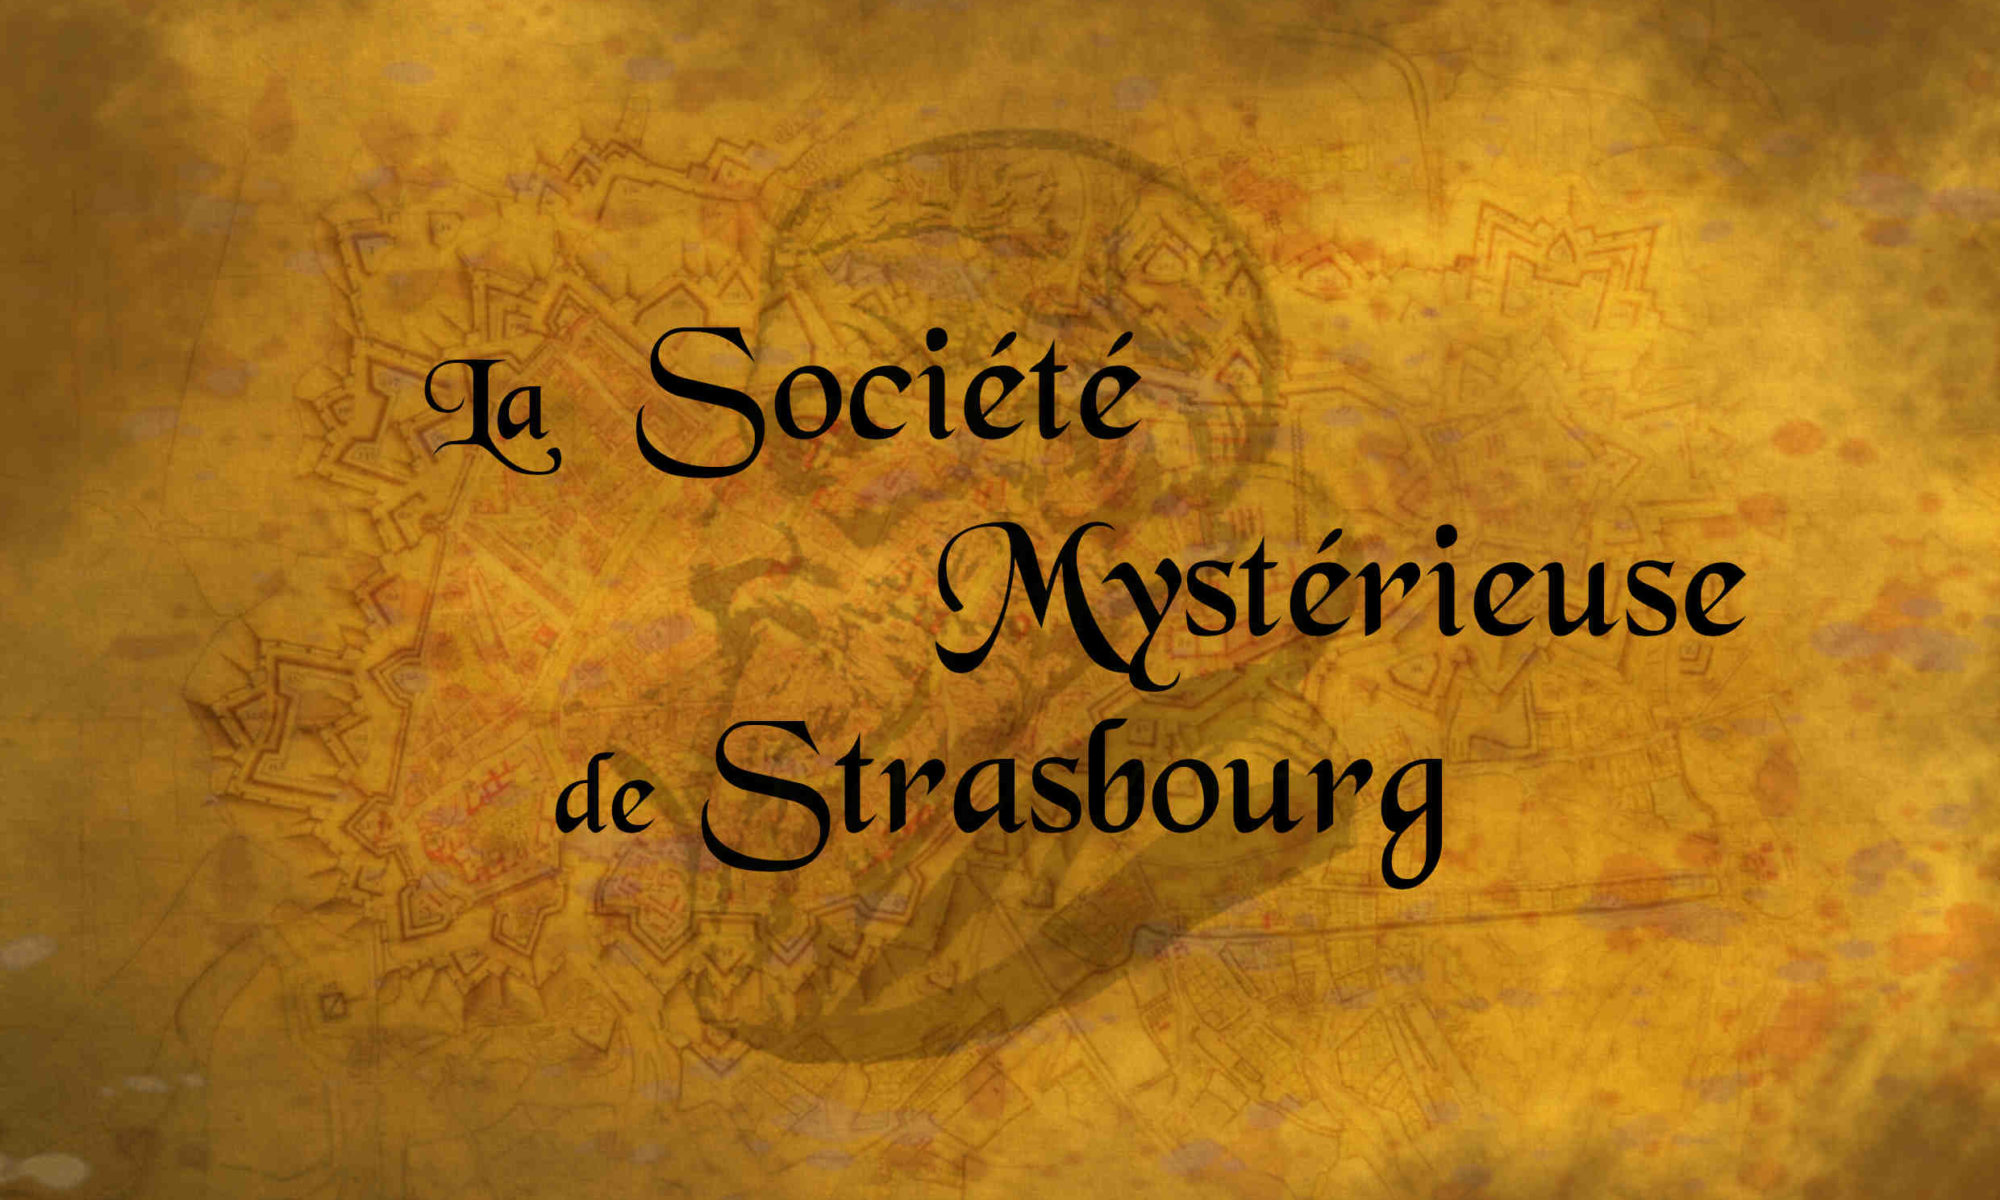 Société Mystérieuse de Strasbourg